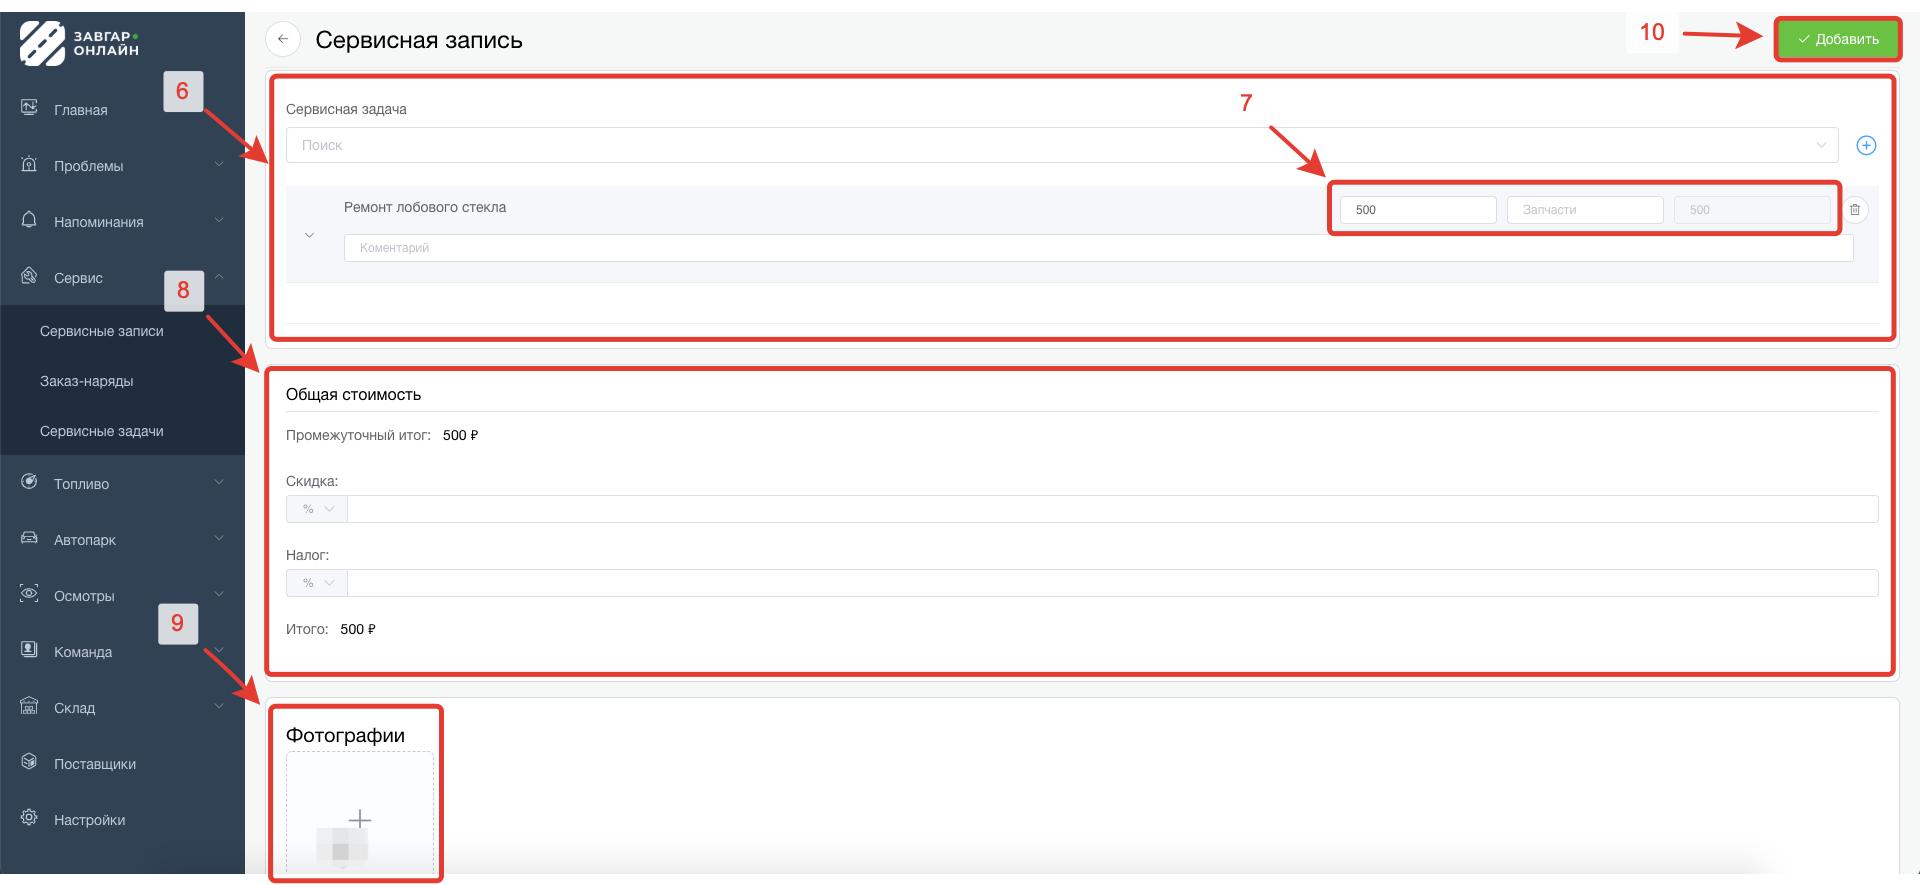 Добавление сервисной записи в системе Завгар Онлайн 1